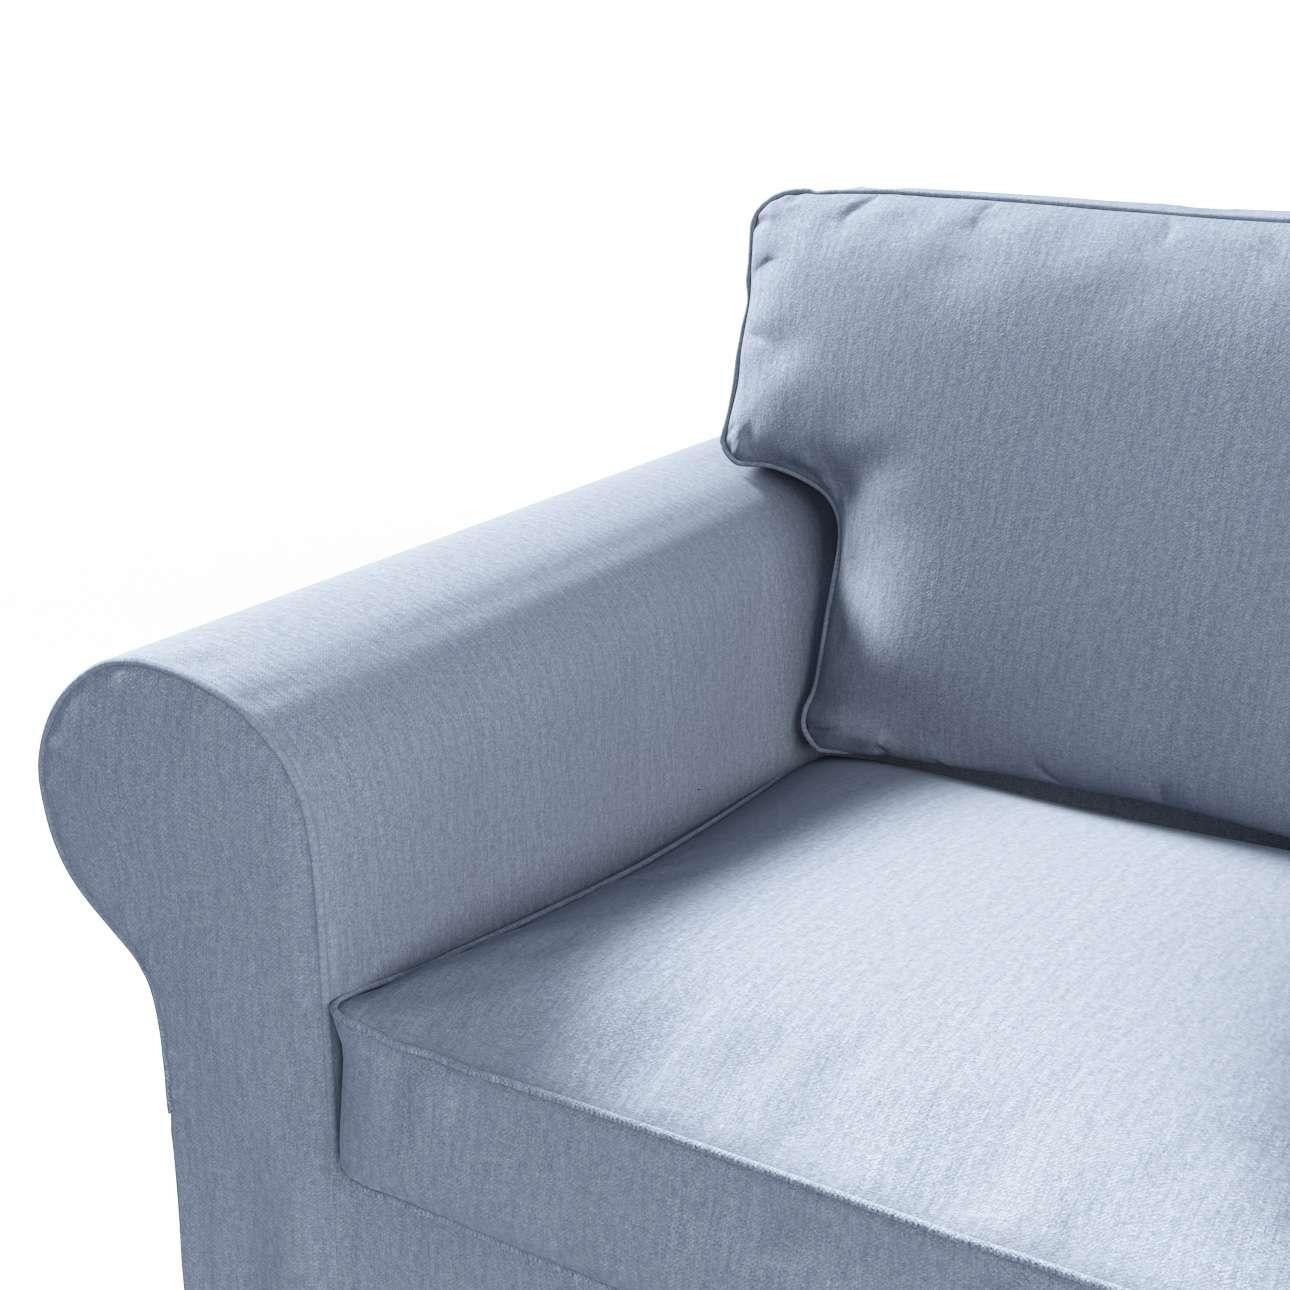 Ektorp dvivietės sofos užvalkalas Ektorp dvivietės sofos užvalkalas kolekcijoje Chenille, audinys: 702-13